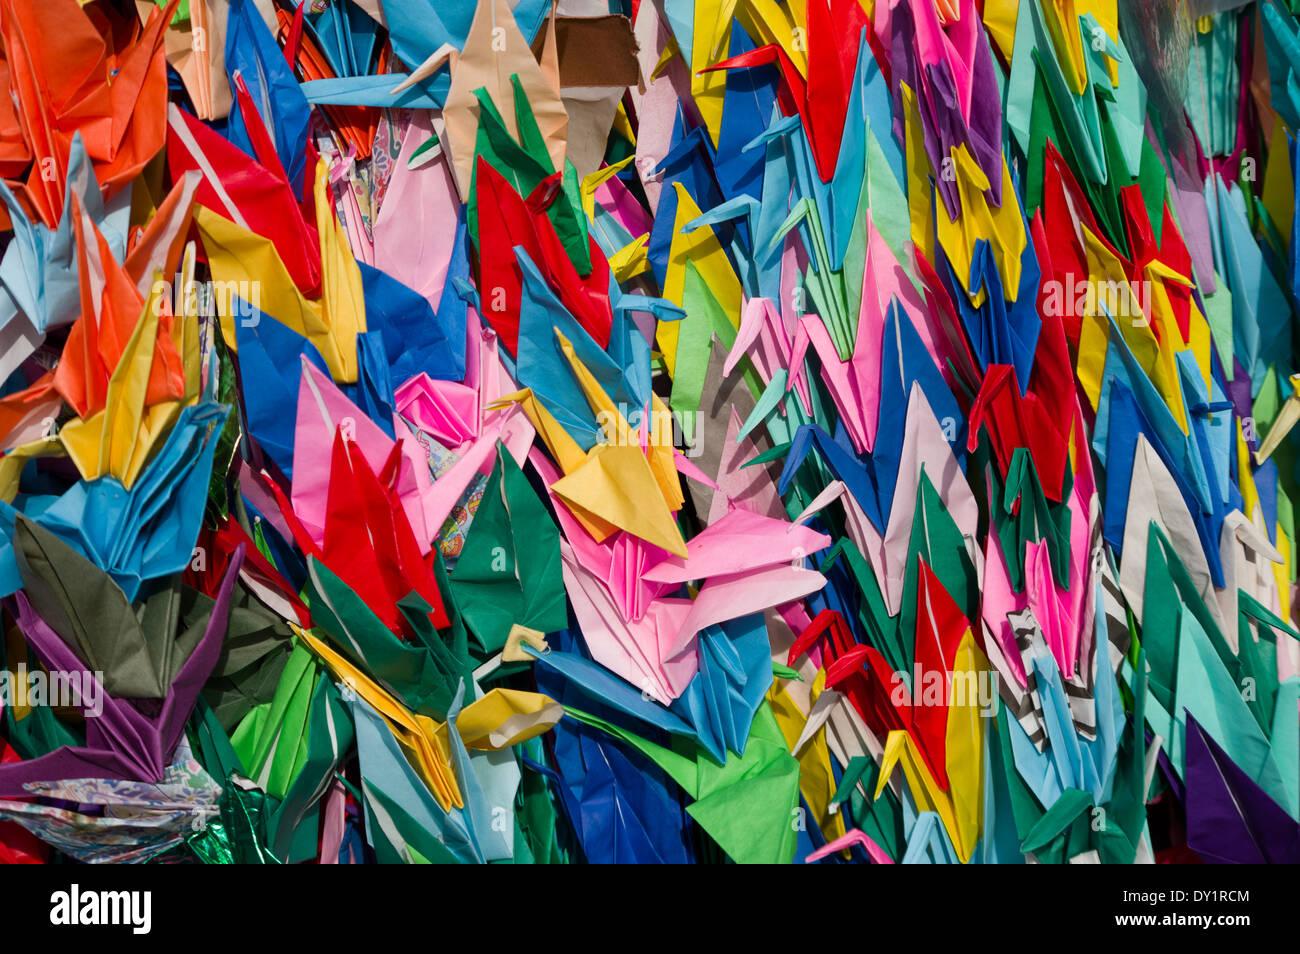 Origami Kraniche aus Papier (Orizuru), gebunden zusammen, um Senbazuru (tausend Kraniche), Tokio, Japan. Stockbild